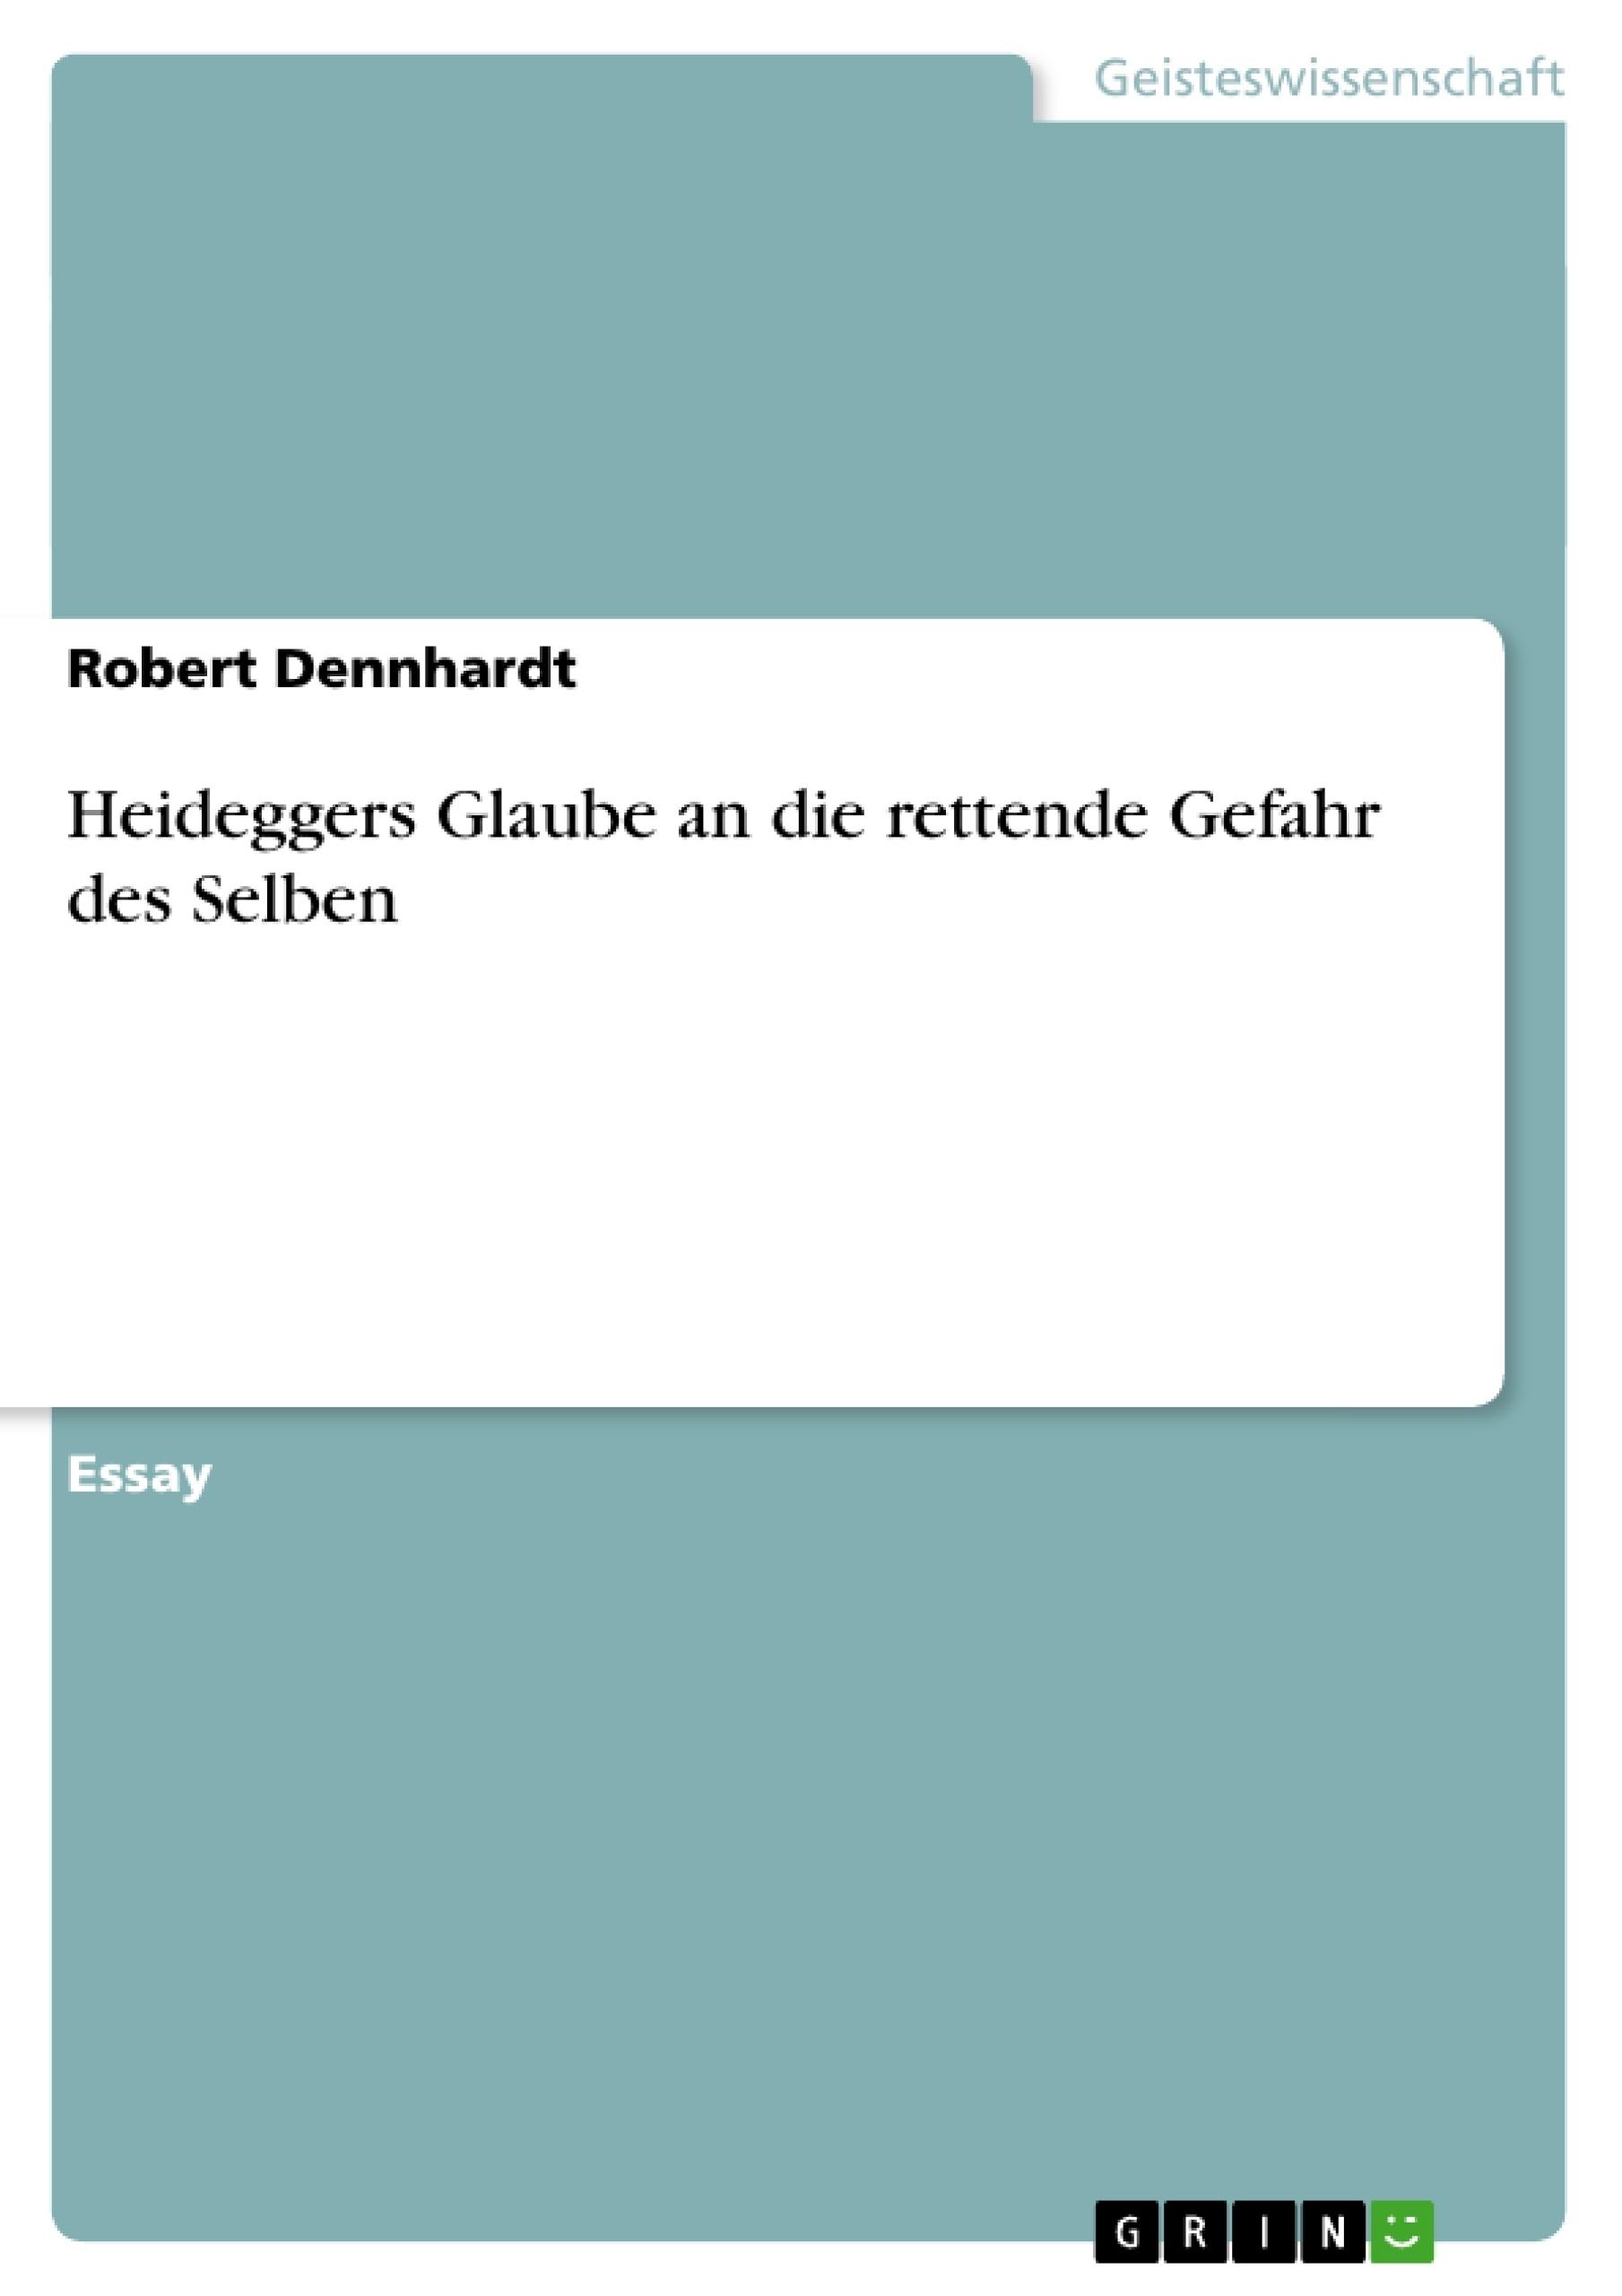 Titel: Heideggers Glaube an die rettende Gefahr des Selben